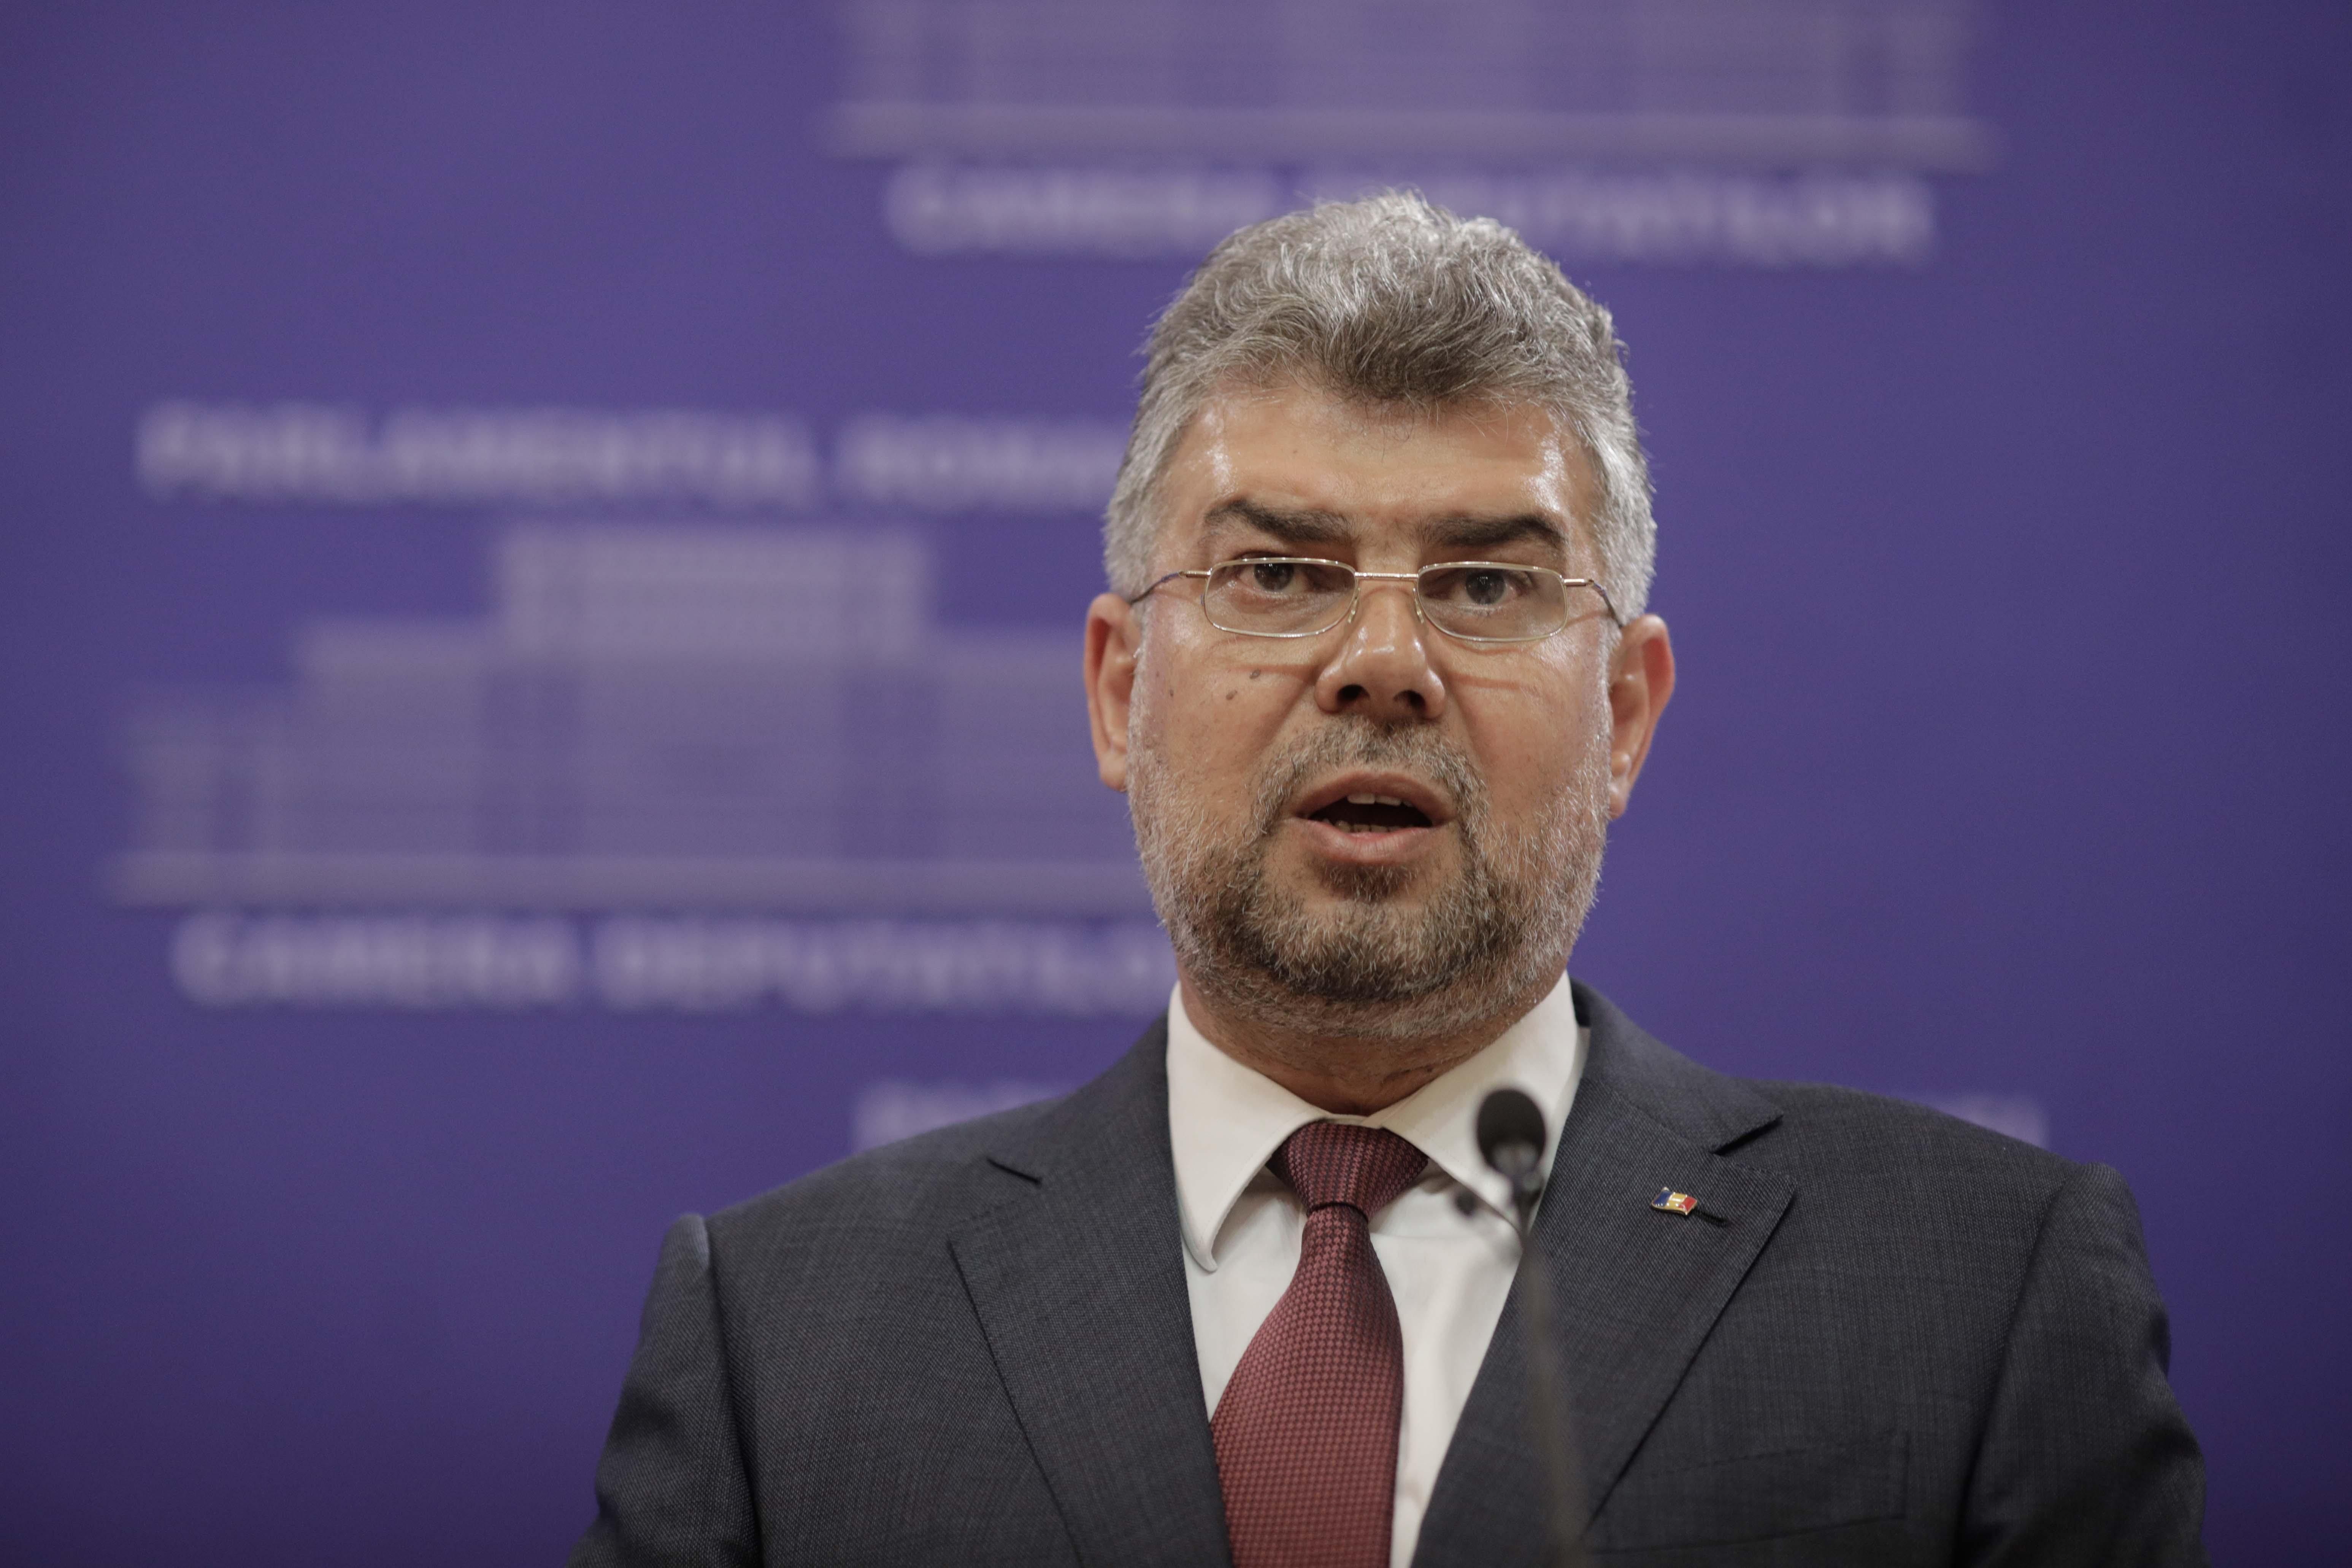 Ciolacu: Ca şi Elveţiei, nimeni nu ne dă şanse azi la moţiunea de cenzură. Ne vom bate până la ultimul vot